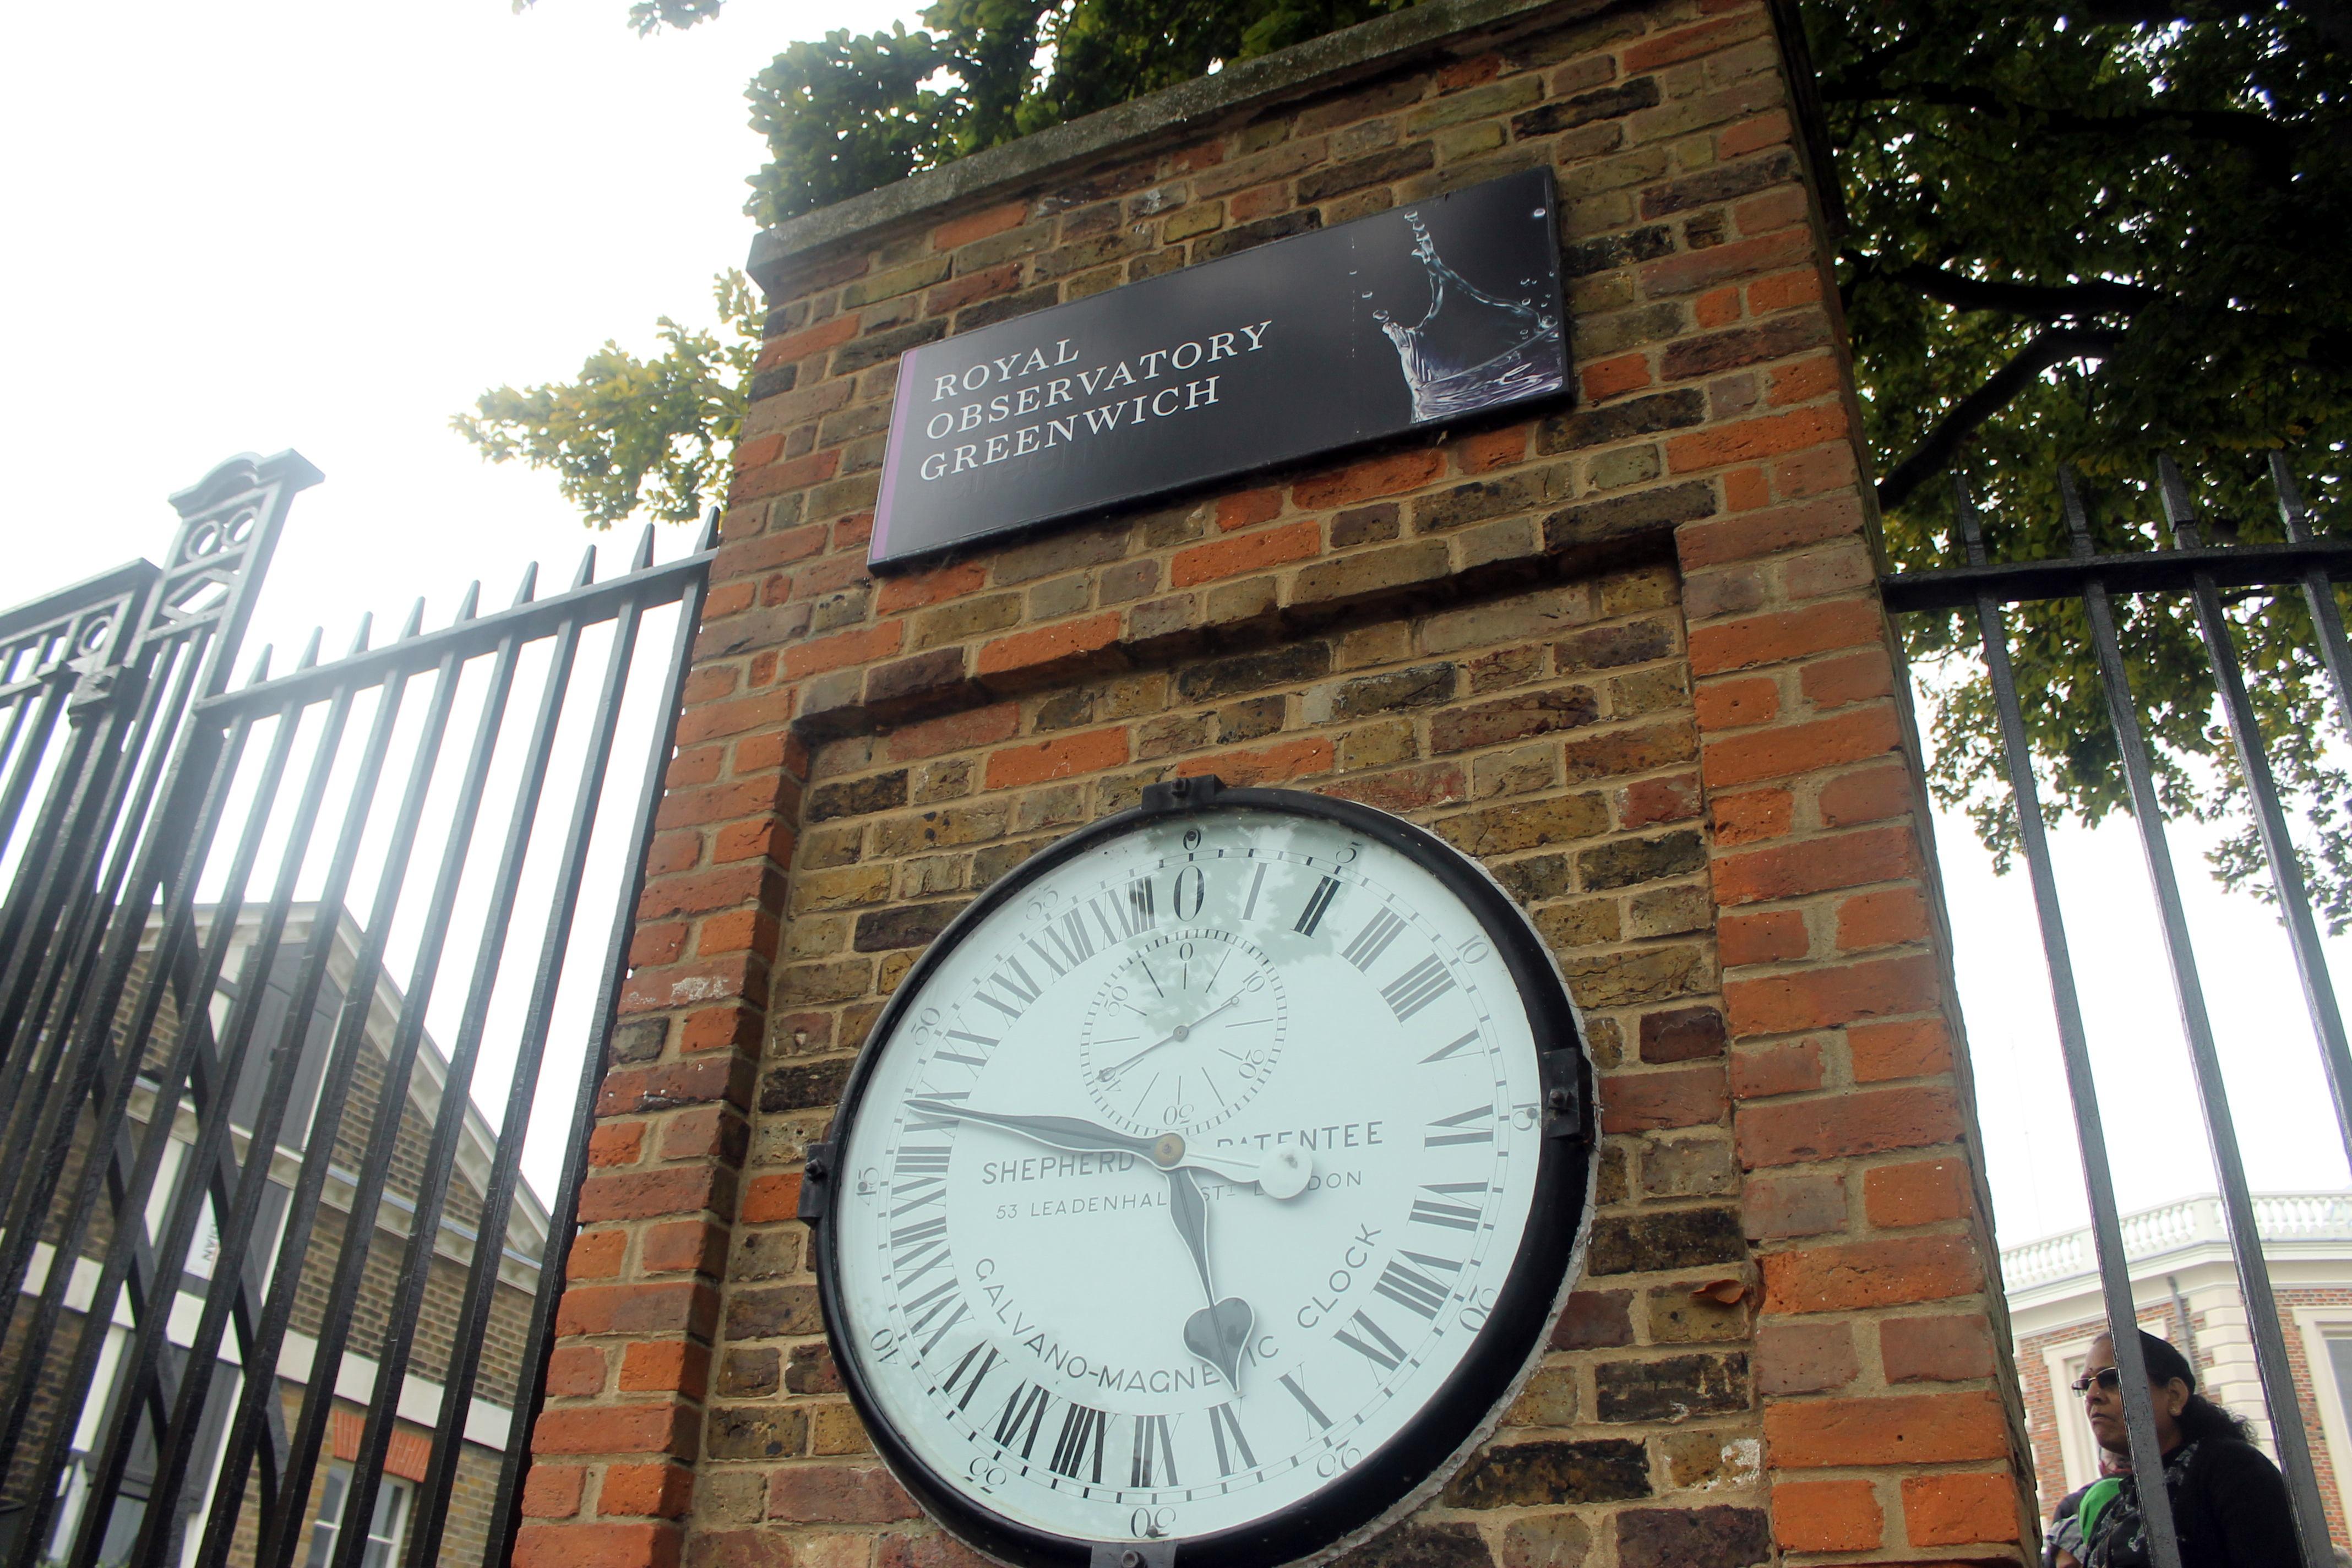 Reloj del Observatorio de Greenwich